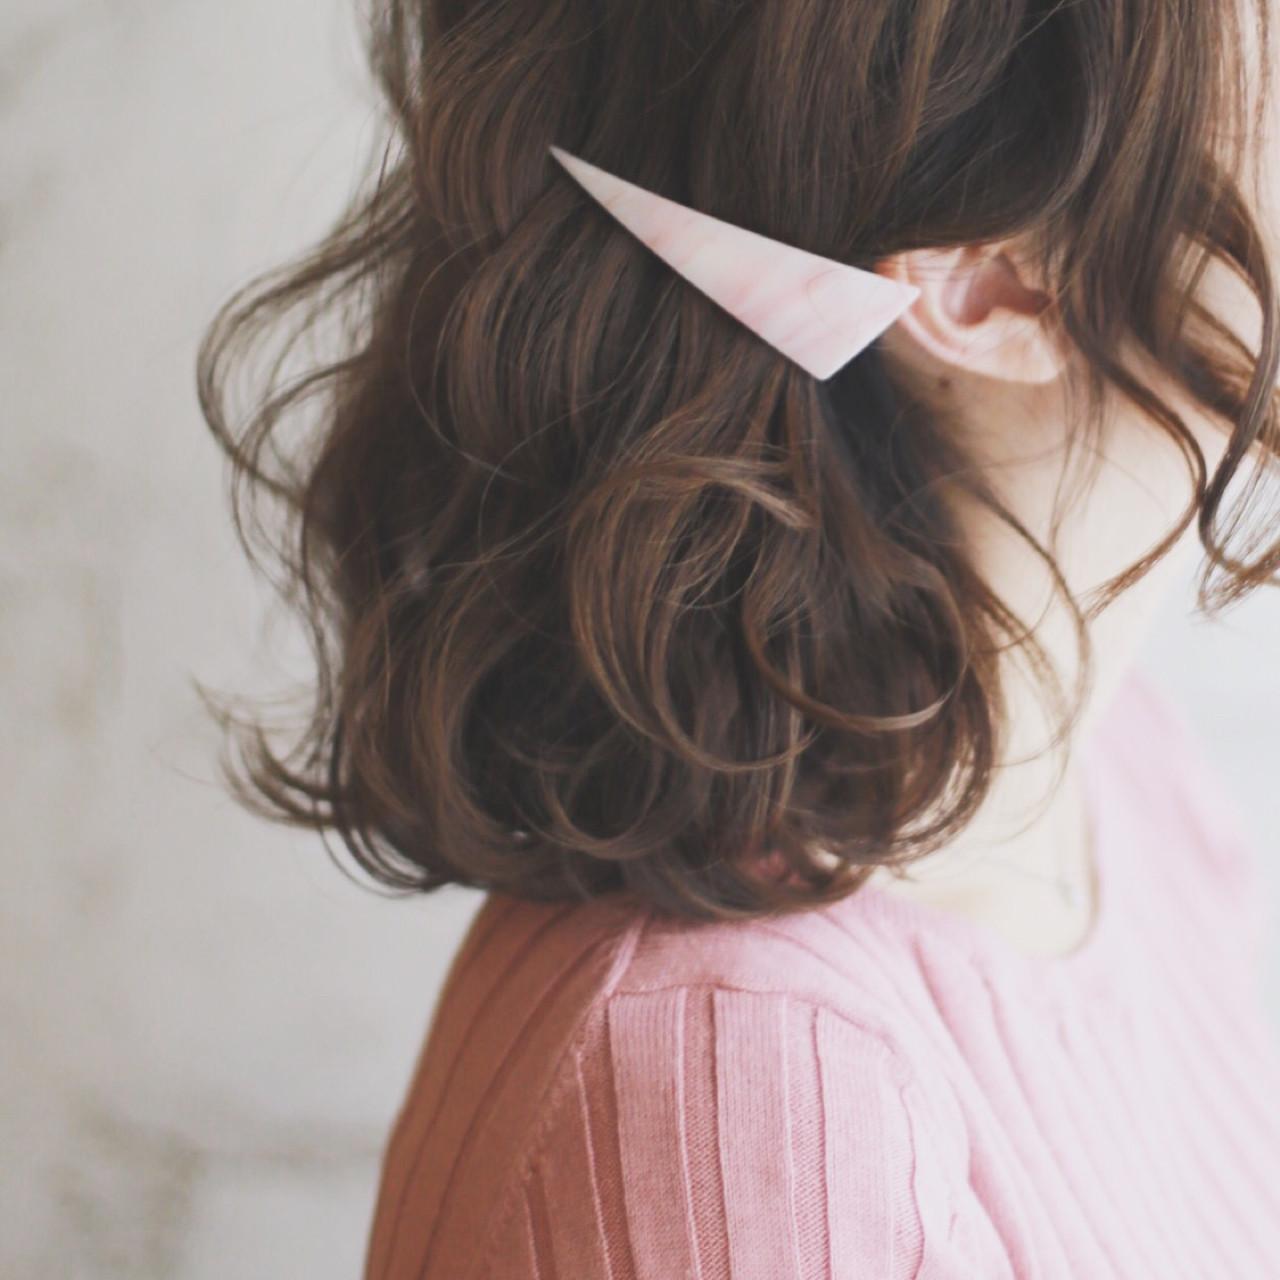 簡単ヘアアレンジ ヘアアレンジ 色気 ショート ヘアスタイルや髪型の写真・画像